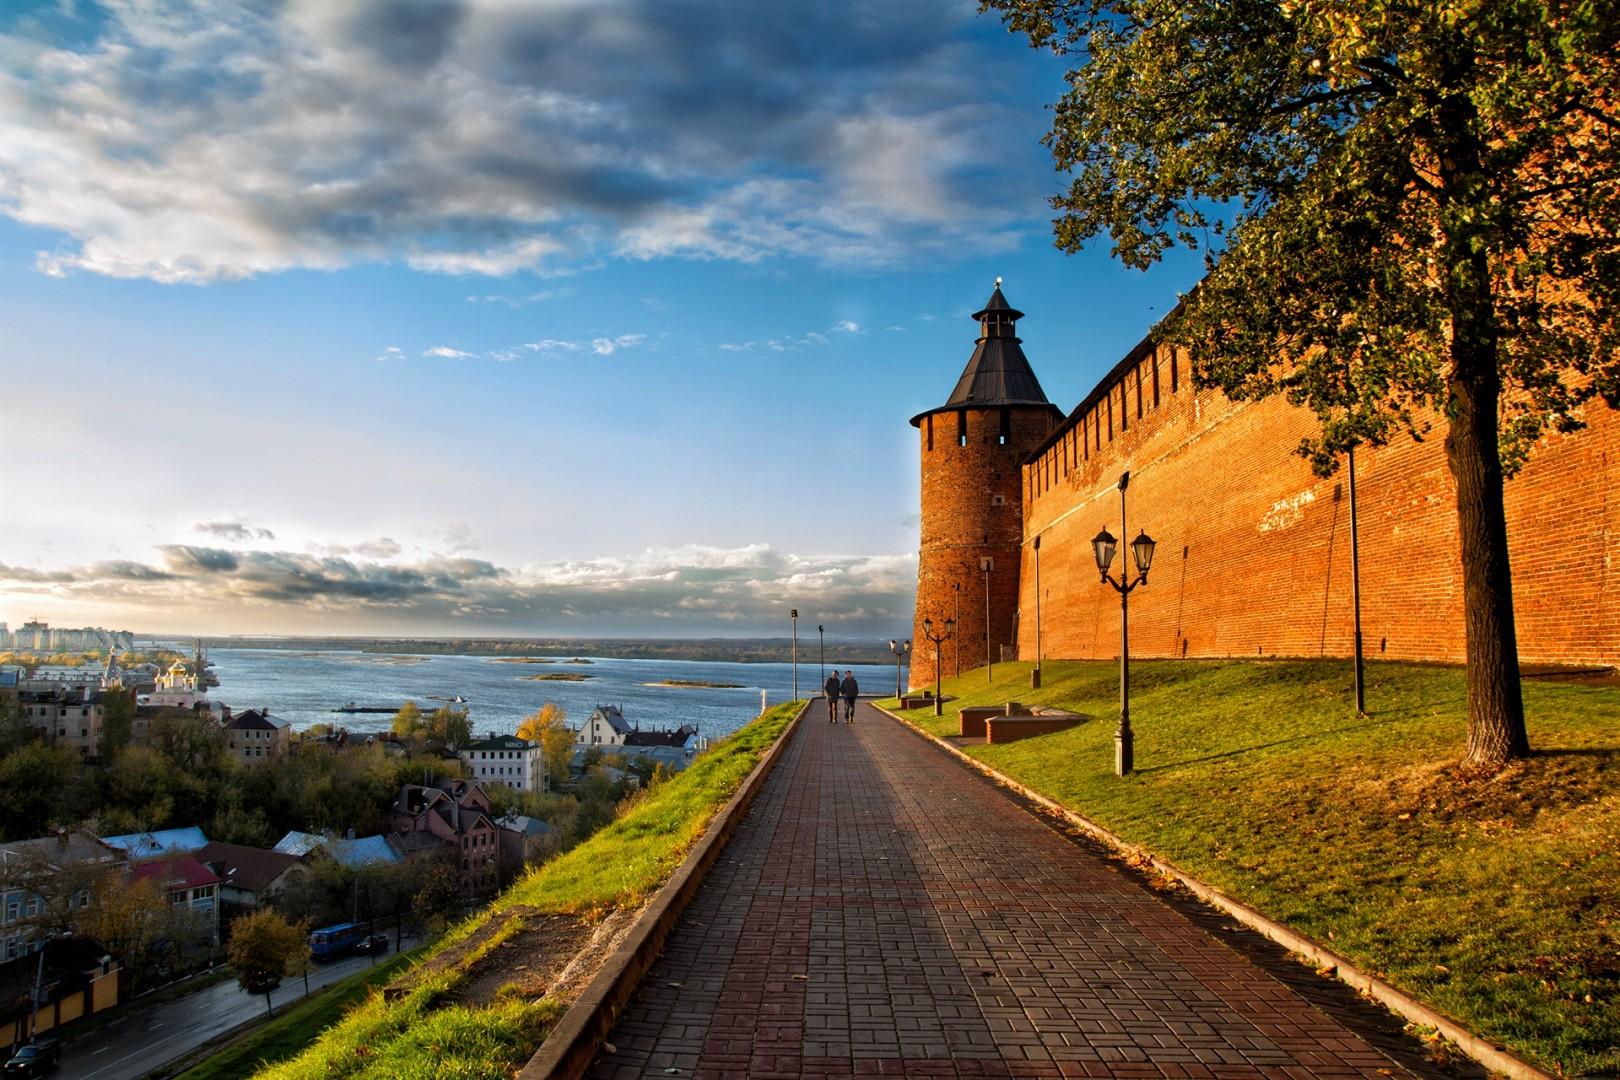 Нижегородский кремль открыли для посещения после реставрации